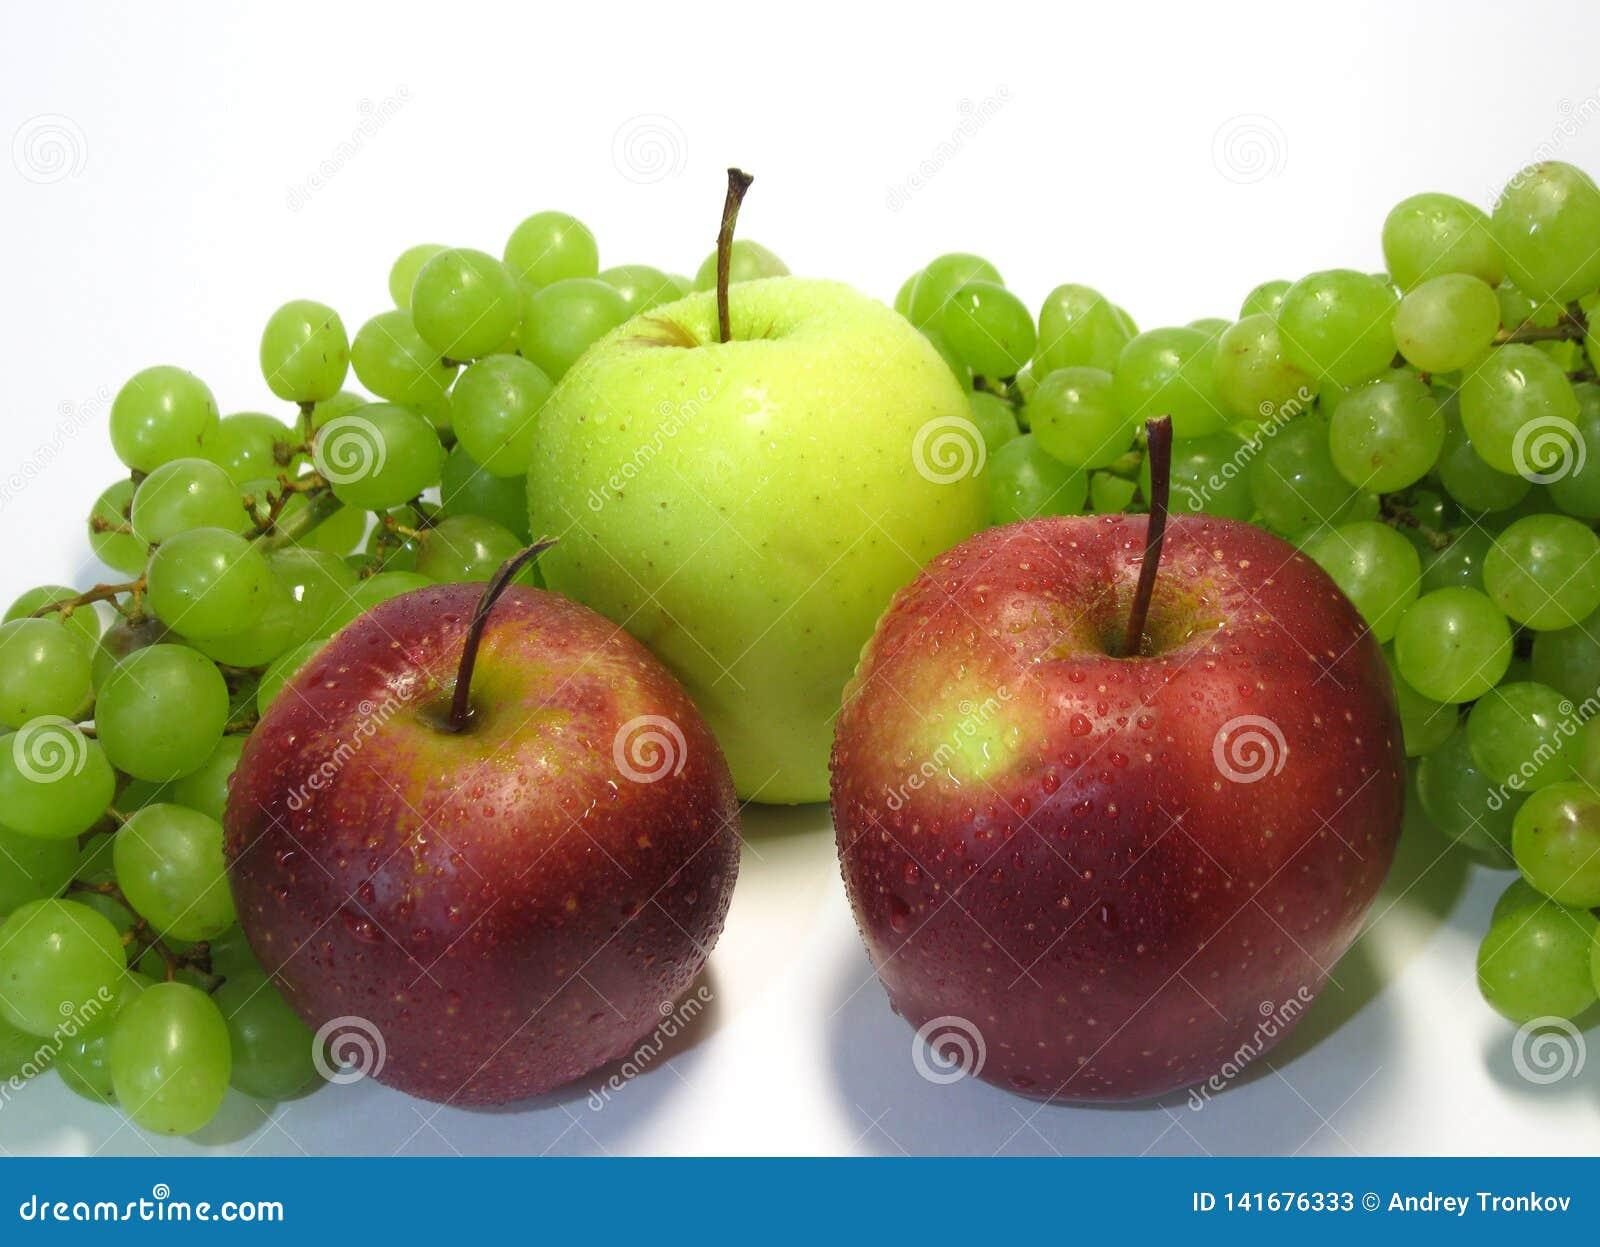 Mele ed uva - bellezza e beneficio, gusto e salute, una fonte inesauribile di vitamine